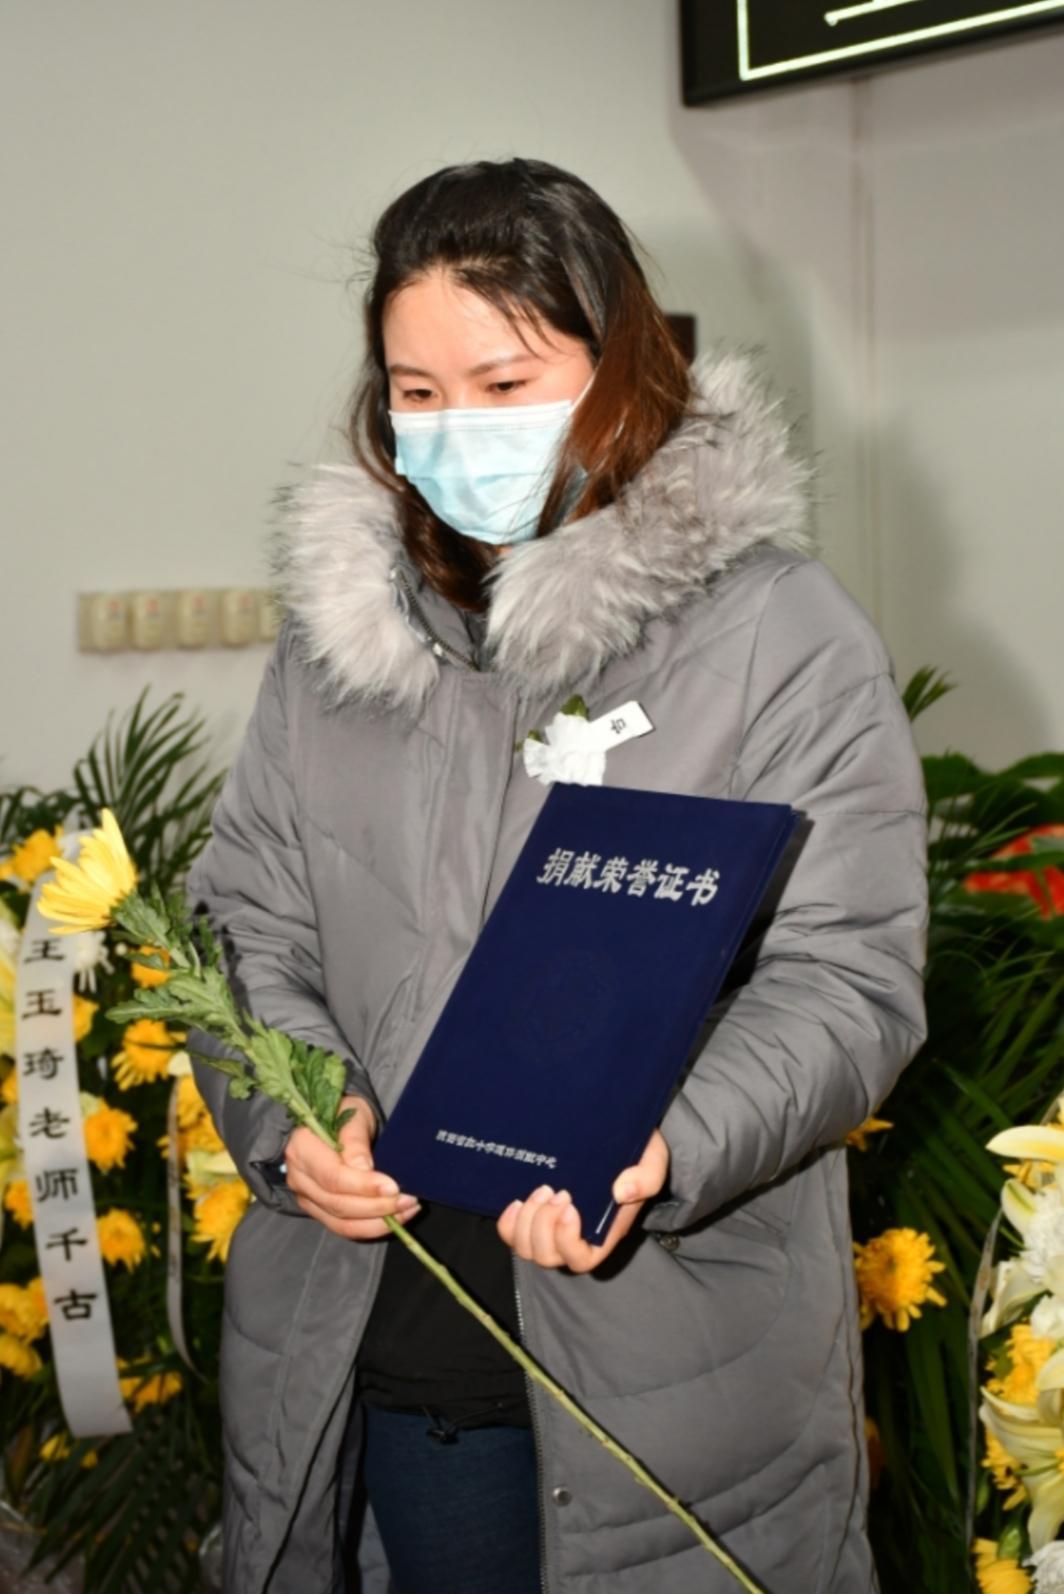 西安交通大学第一附属医院王玉琦教授遗体捐献仪式在交大医学部举行